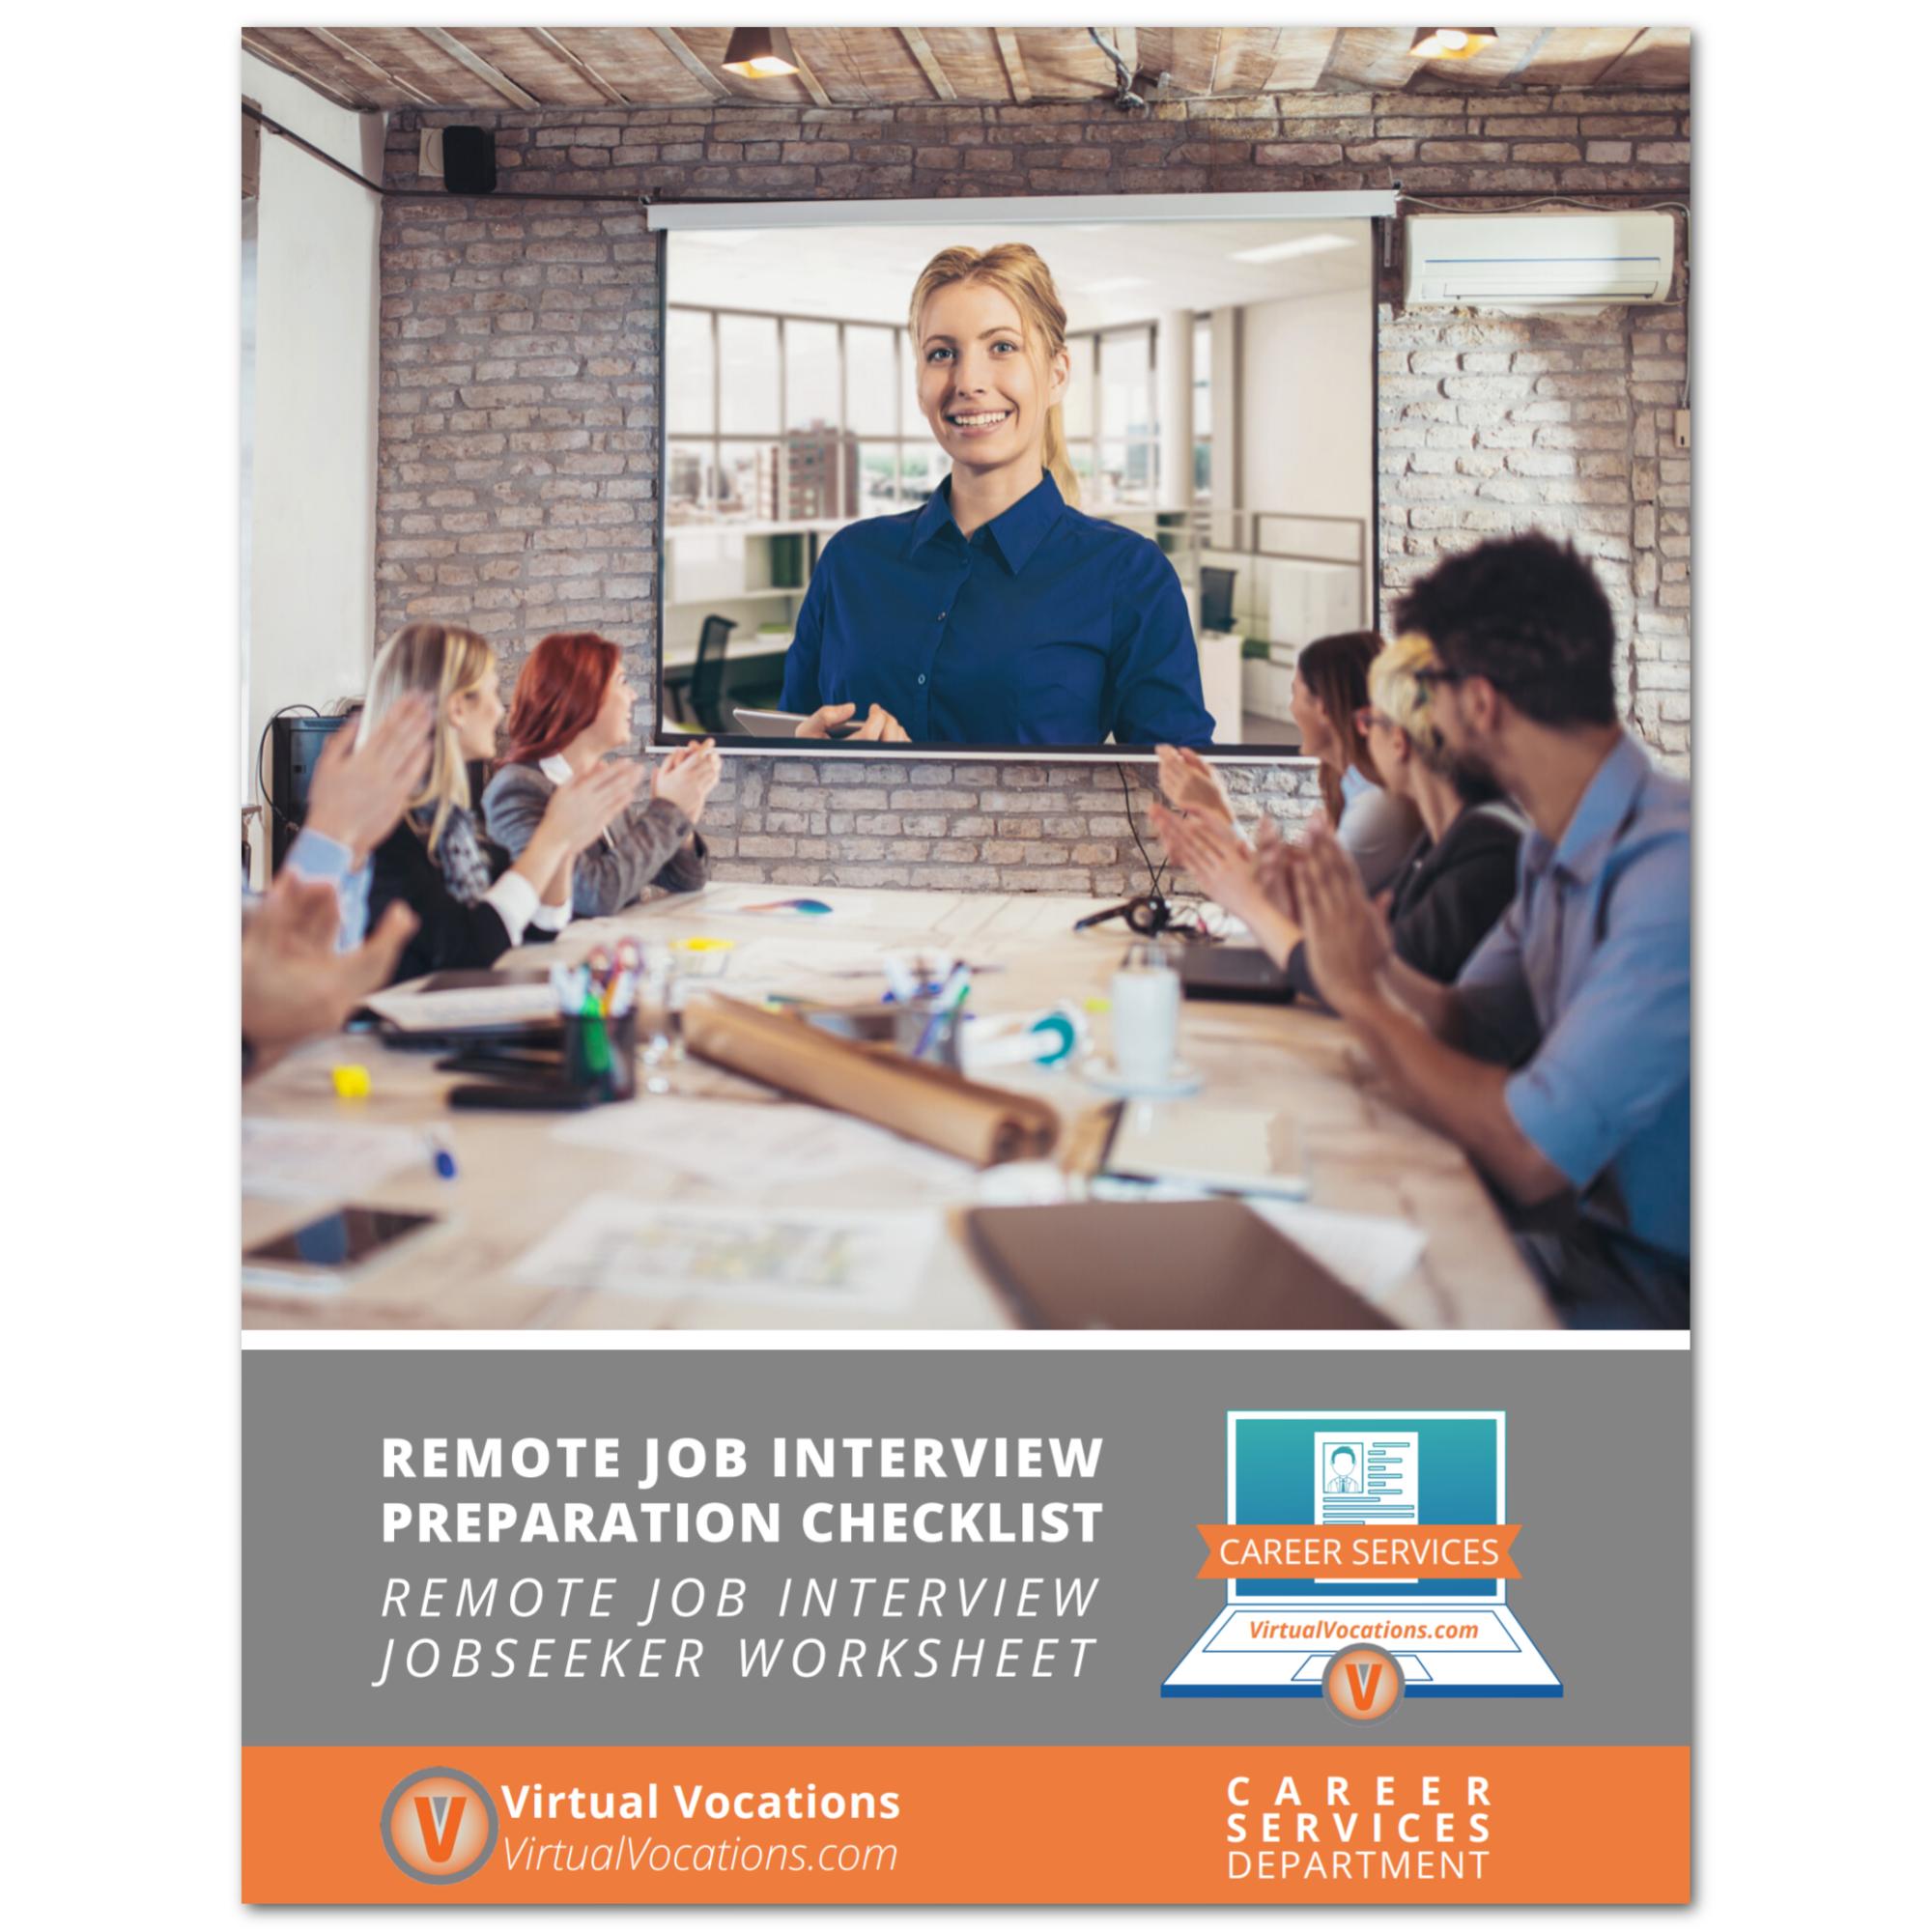 Remote Job Interview Preparation Checklist